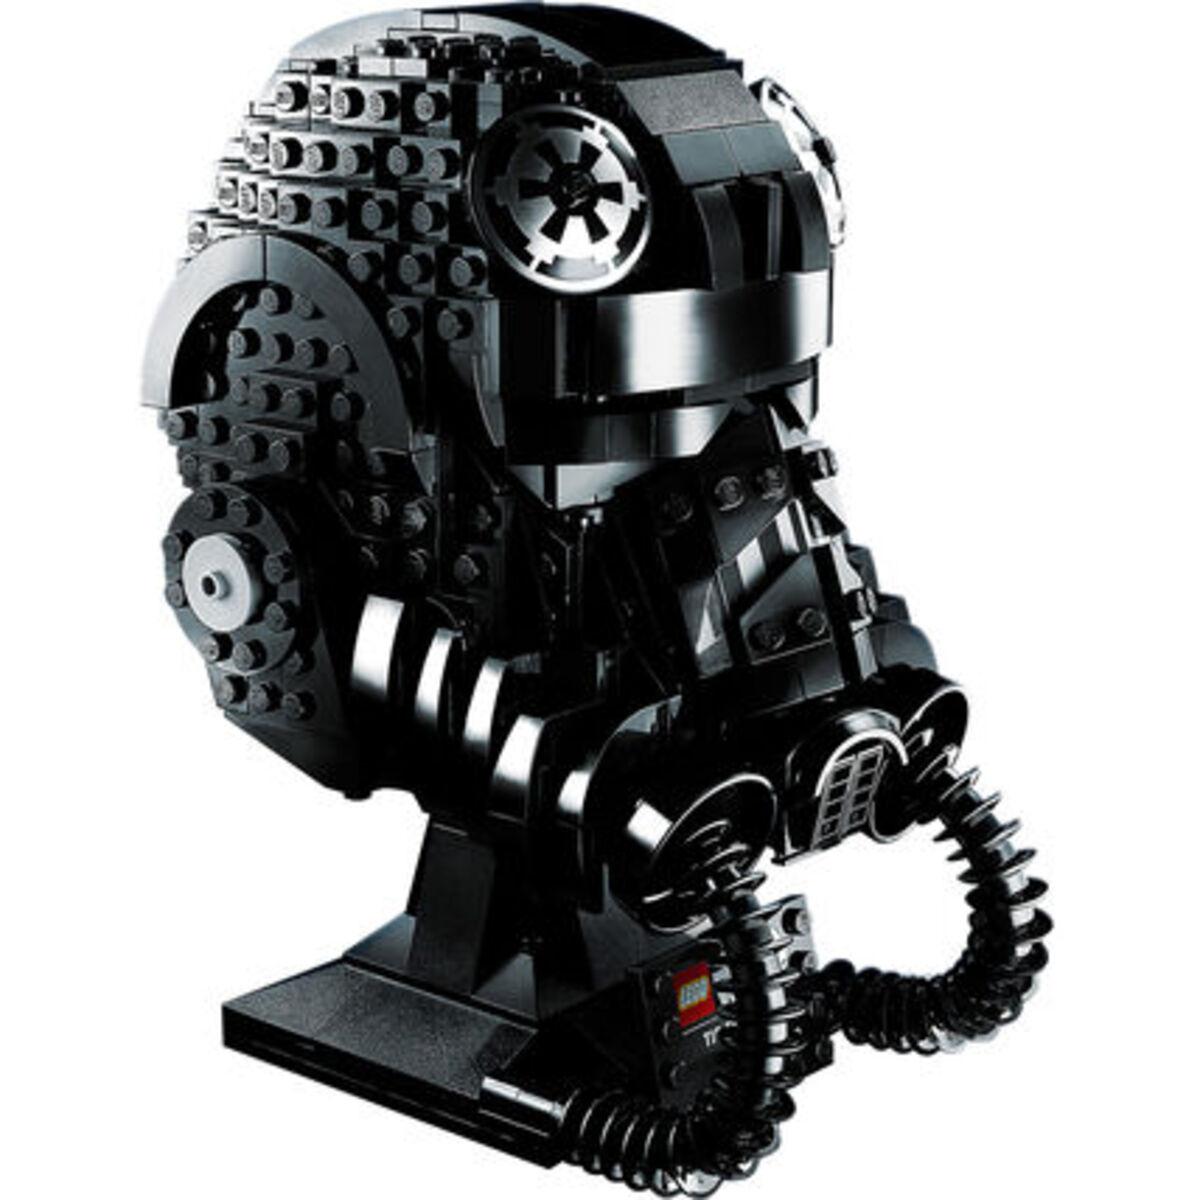 Bild 3 von LEGO® Star Wars - 75274 TIE Fighter Pilot™ Helm